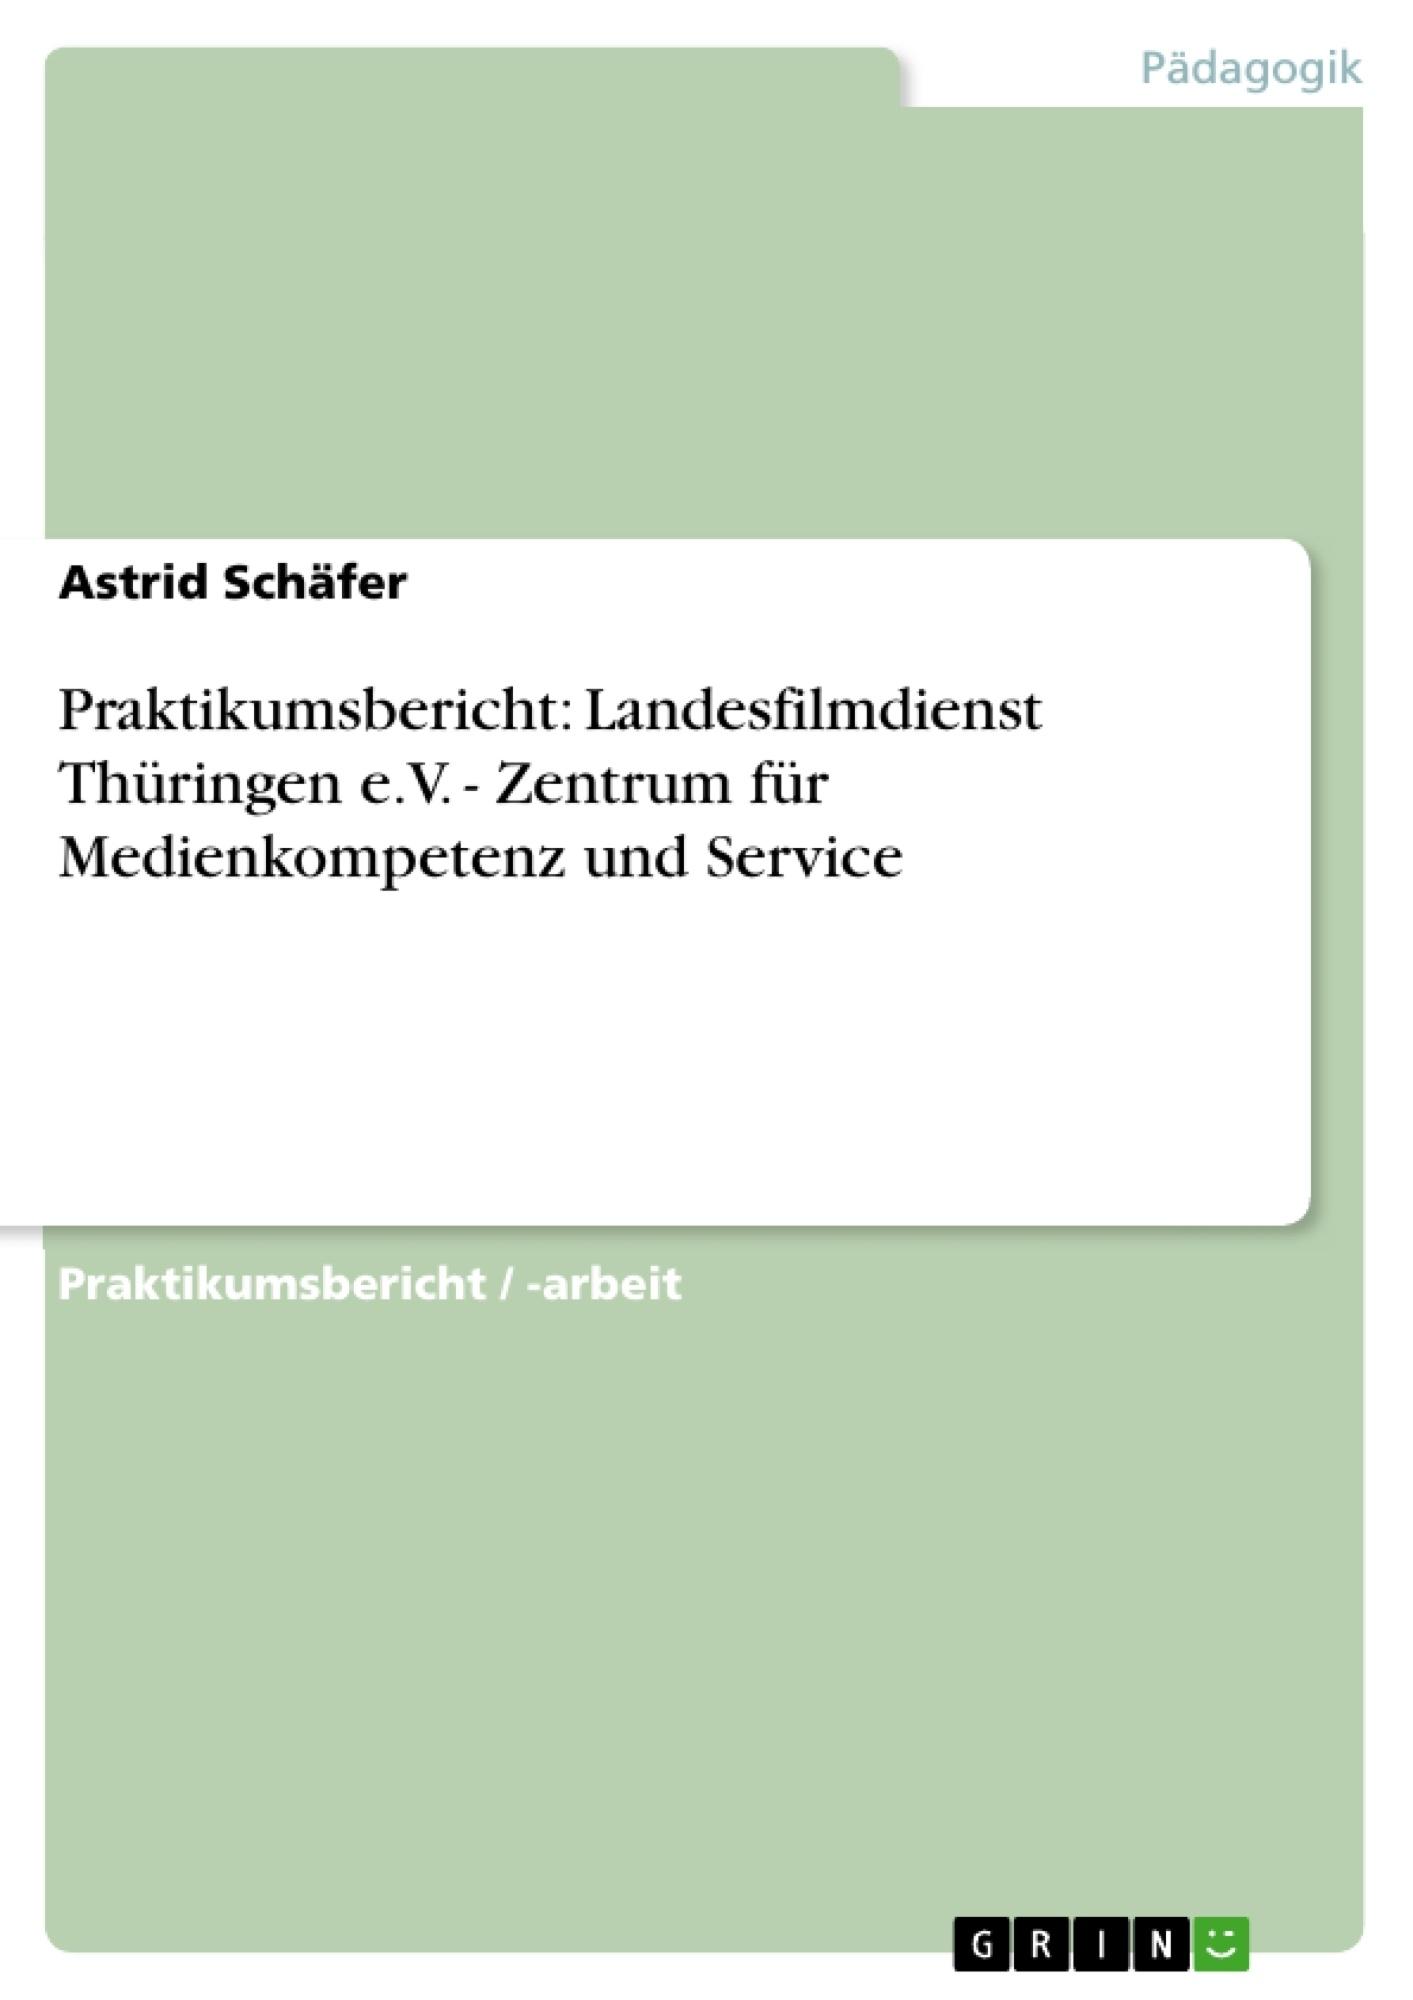 Titel: Praktikumsbericht: Landesfilmdienst Thüringen e.V. - Zentrum für Medienkompetenz und Service